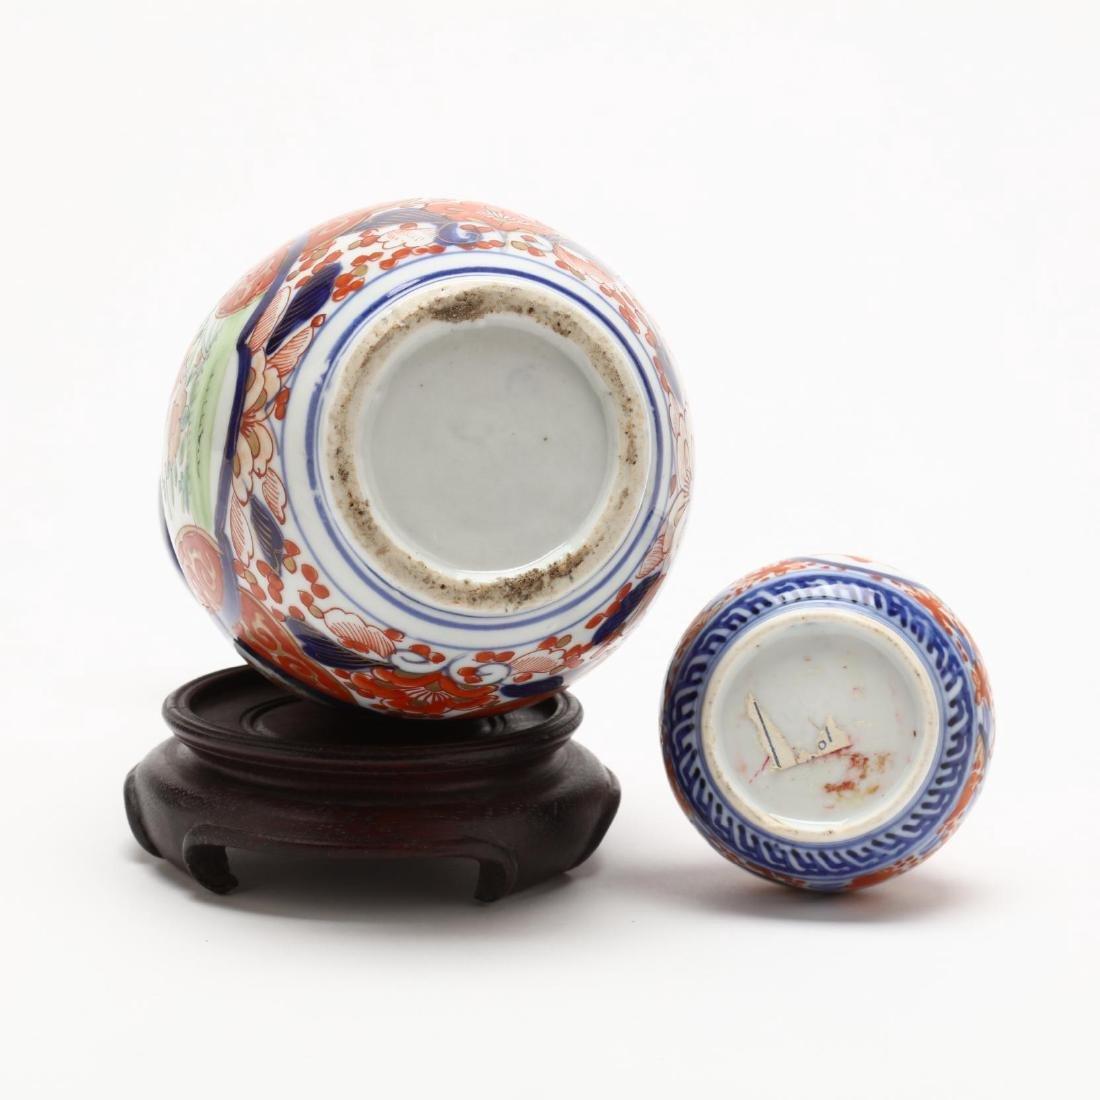 Two Japanese Imari Porcelain Vases - 4